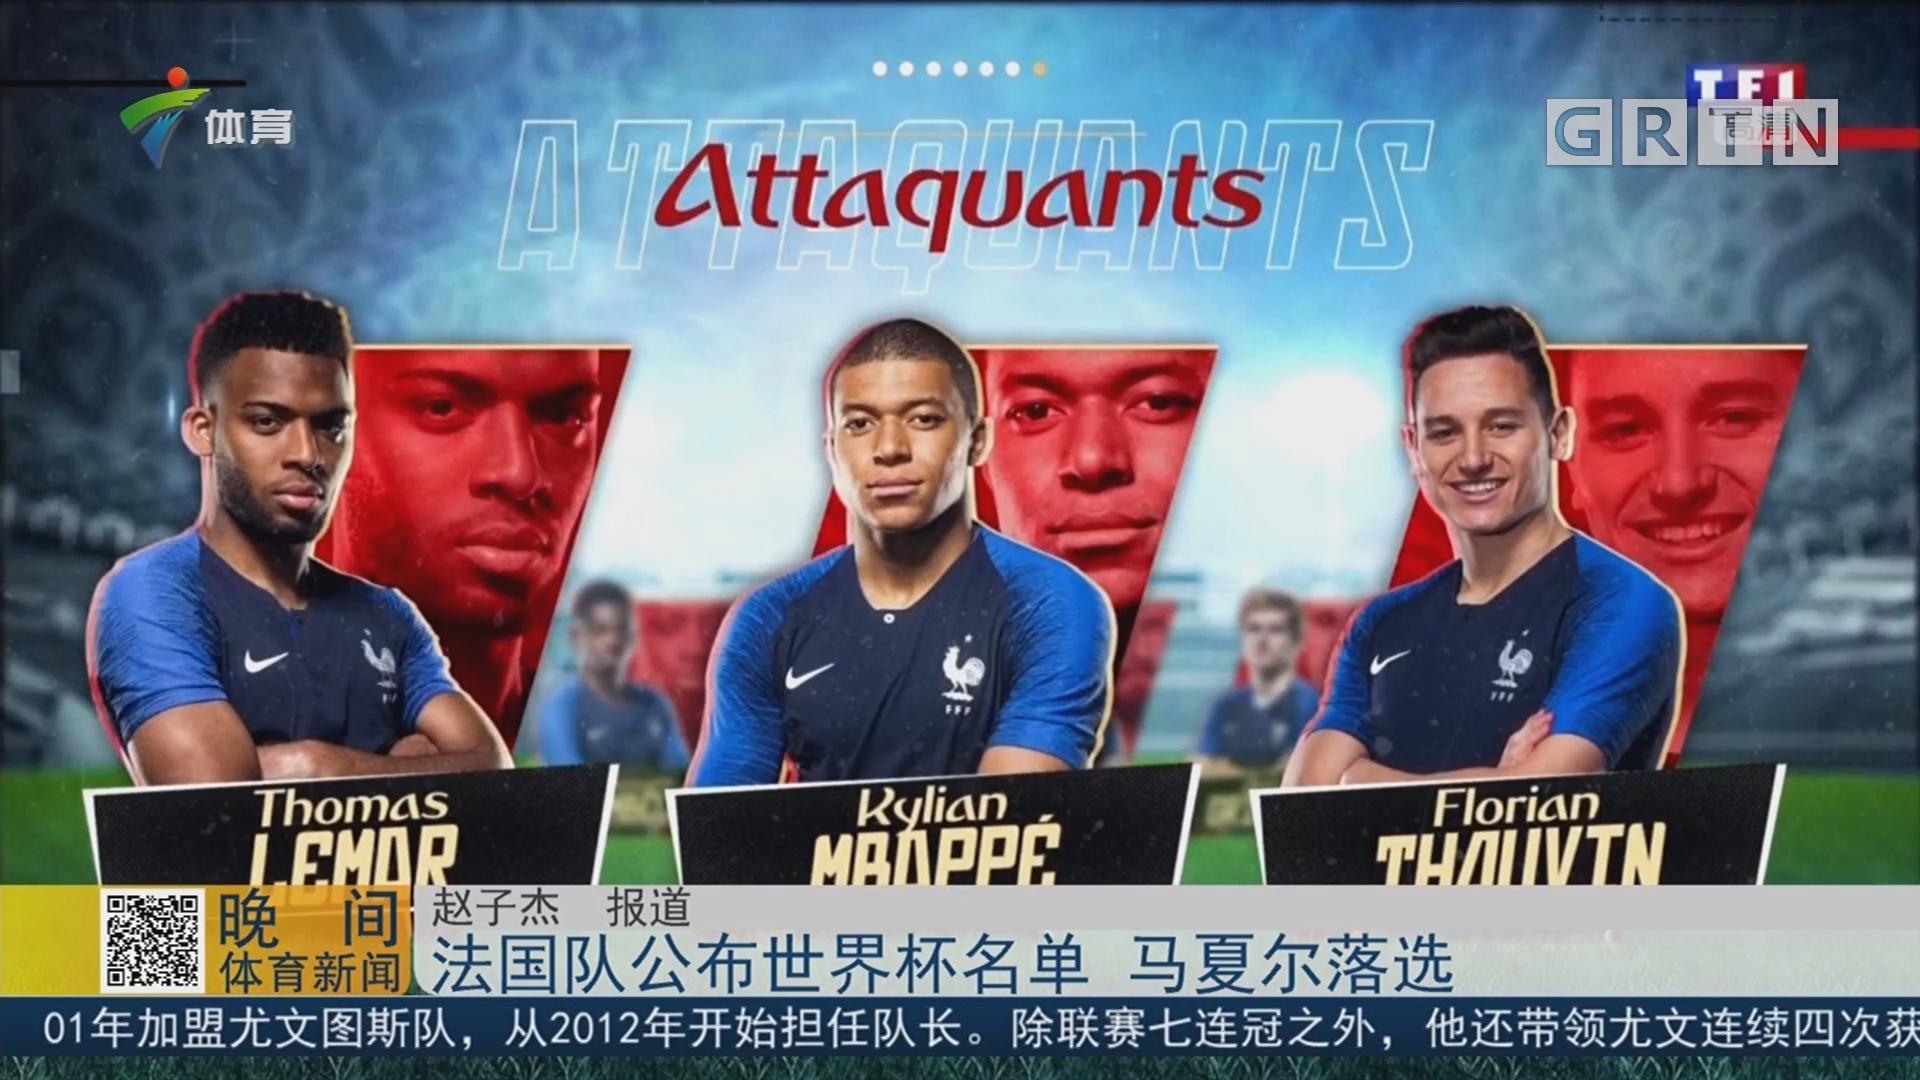 法国队公布世界杯名单 马夏尔落选